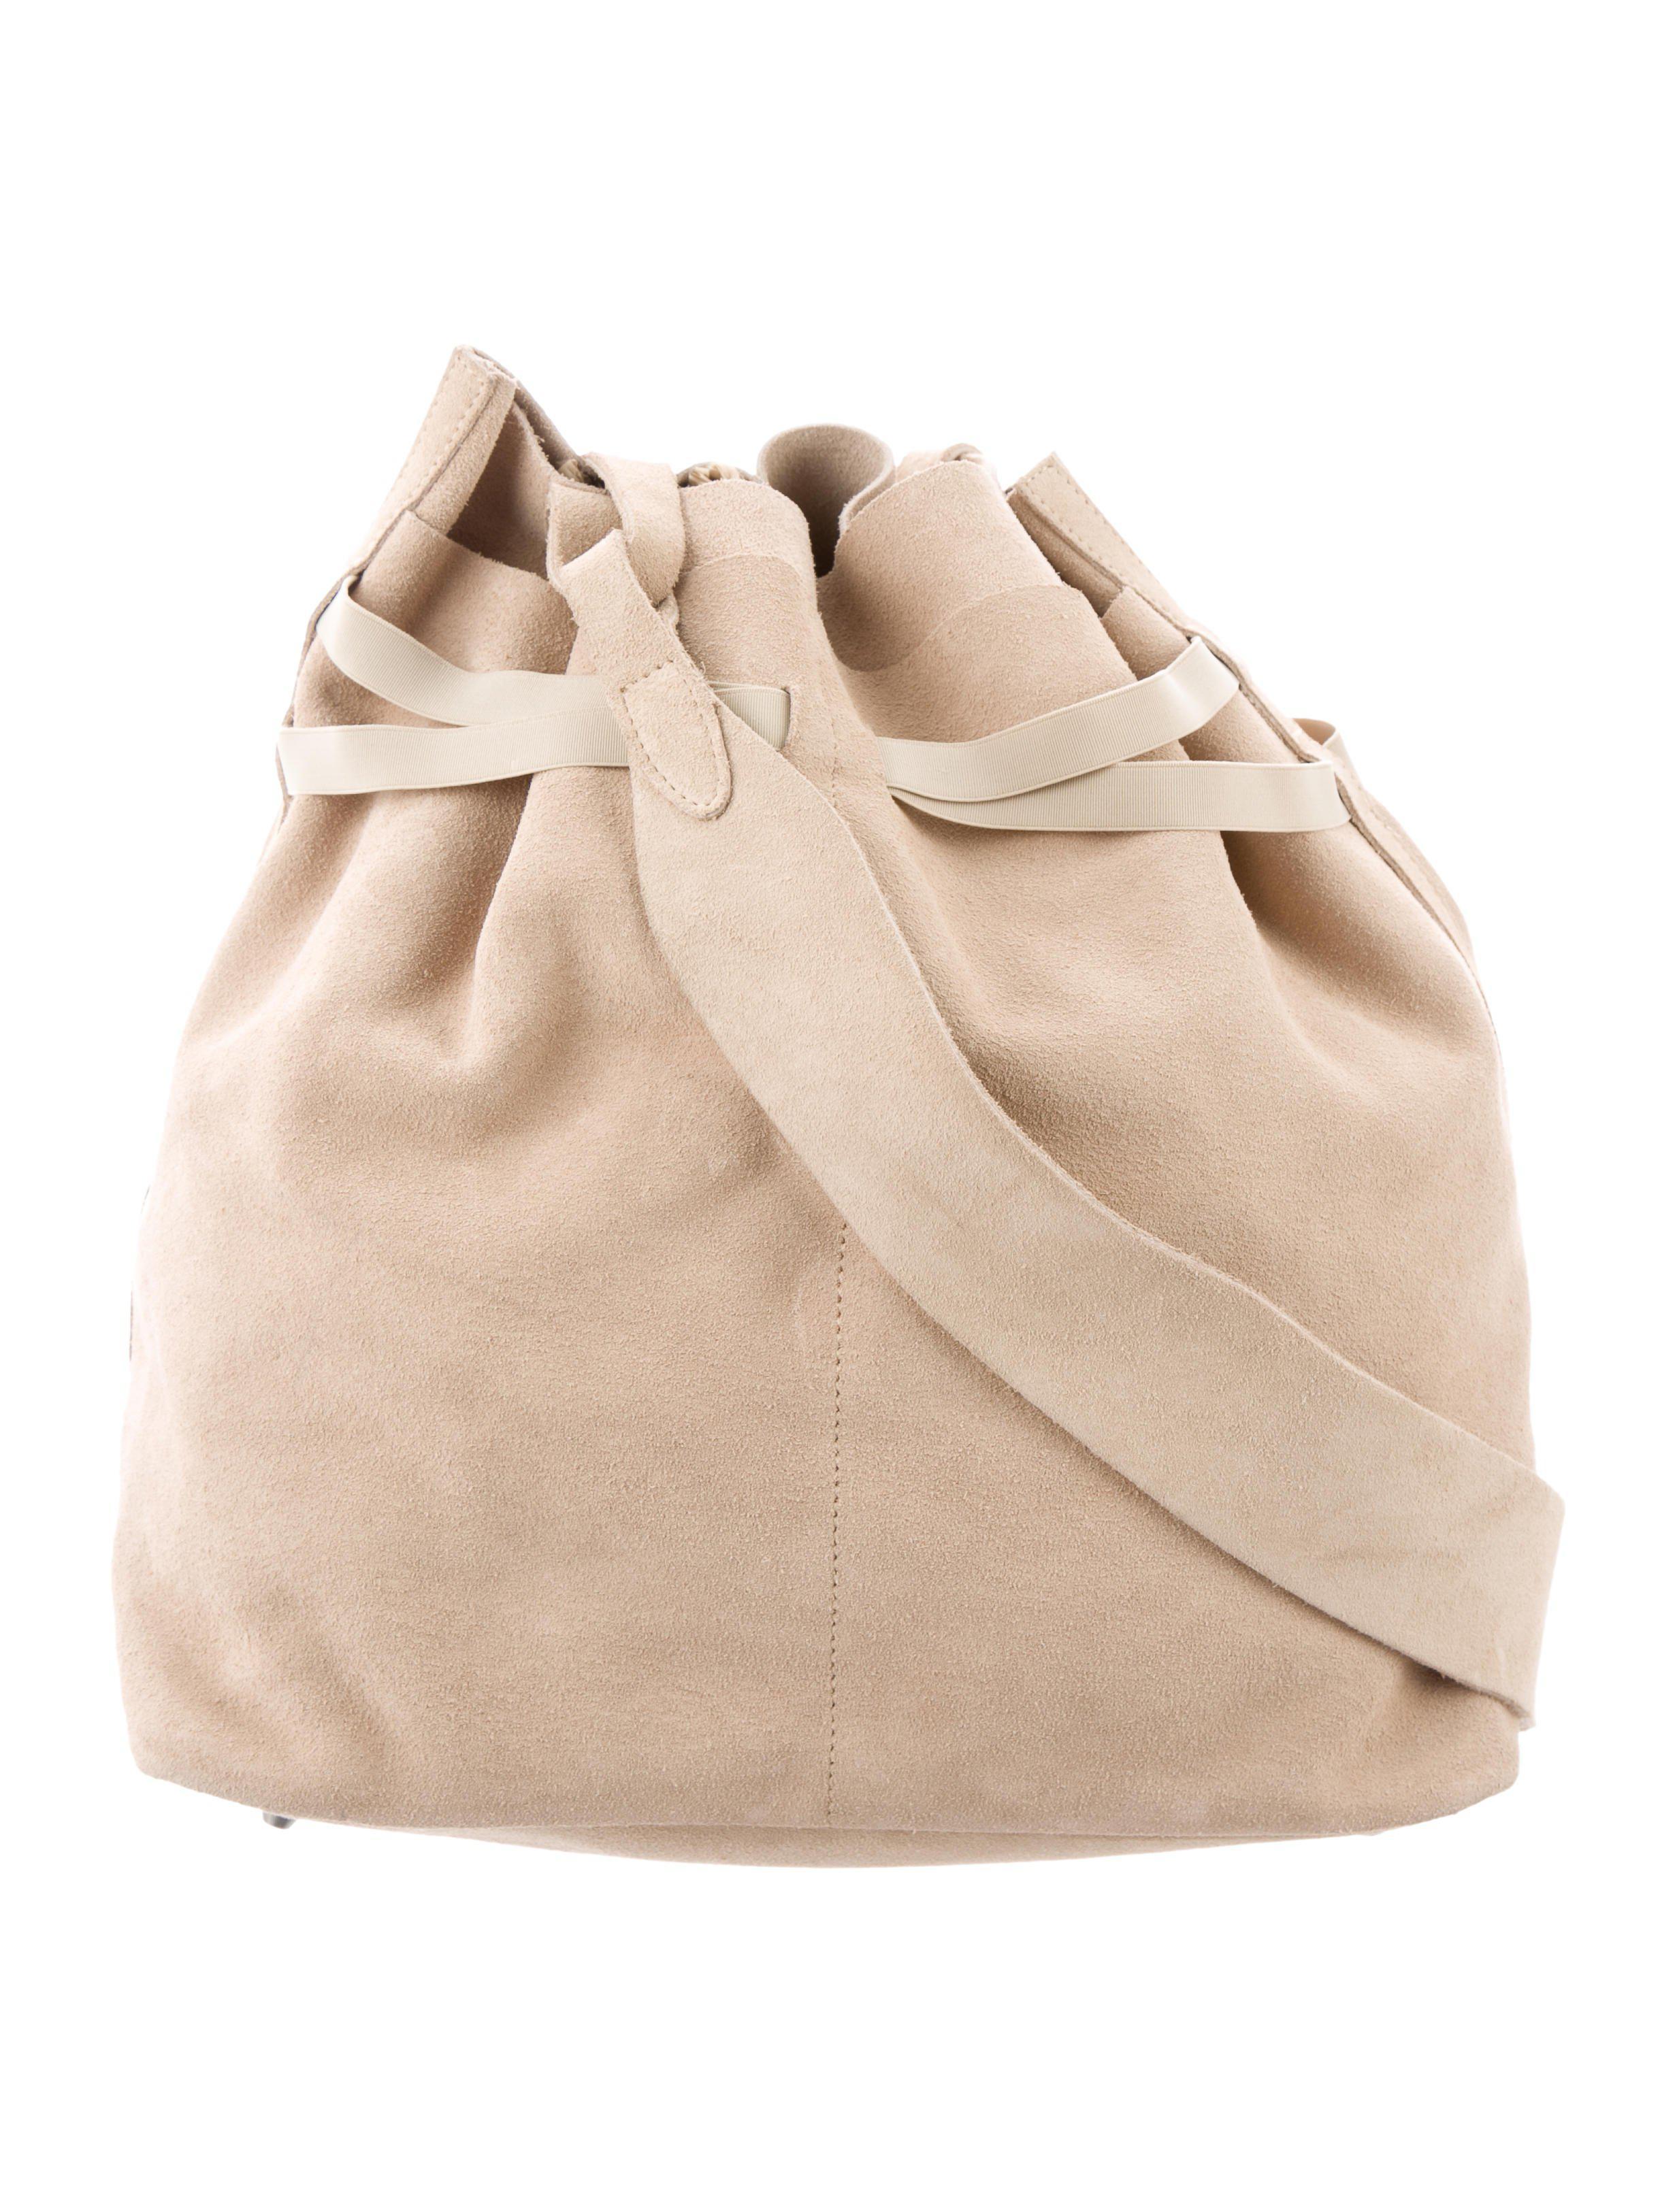 d2f95c4c609c Repetto - Metallic Suede Shoulder Bag Tan - Lyst. View fullscreen